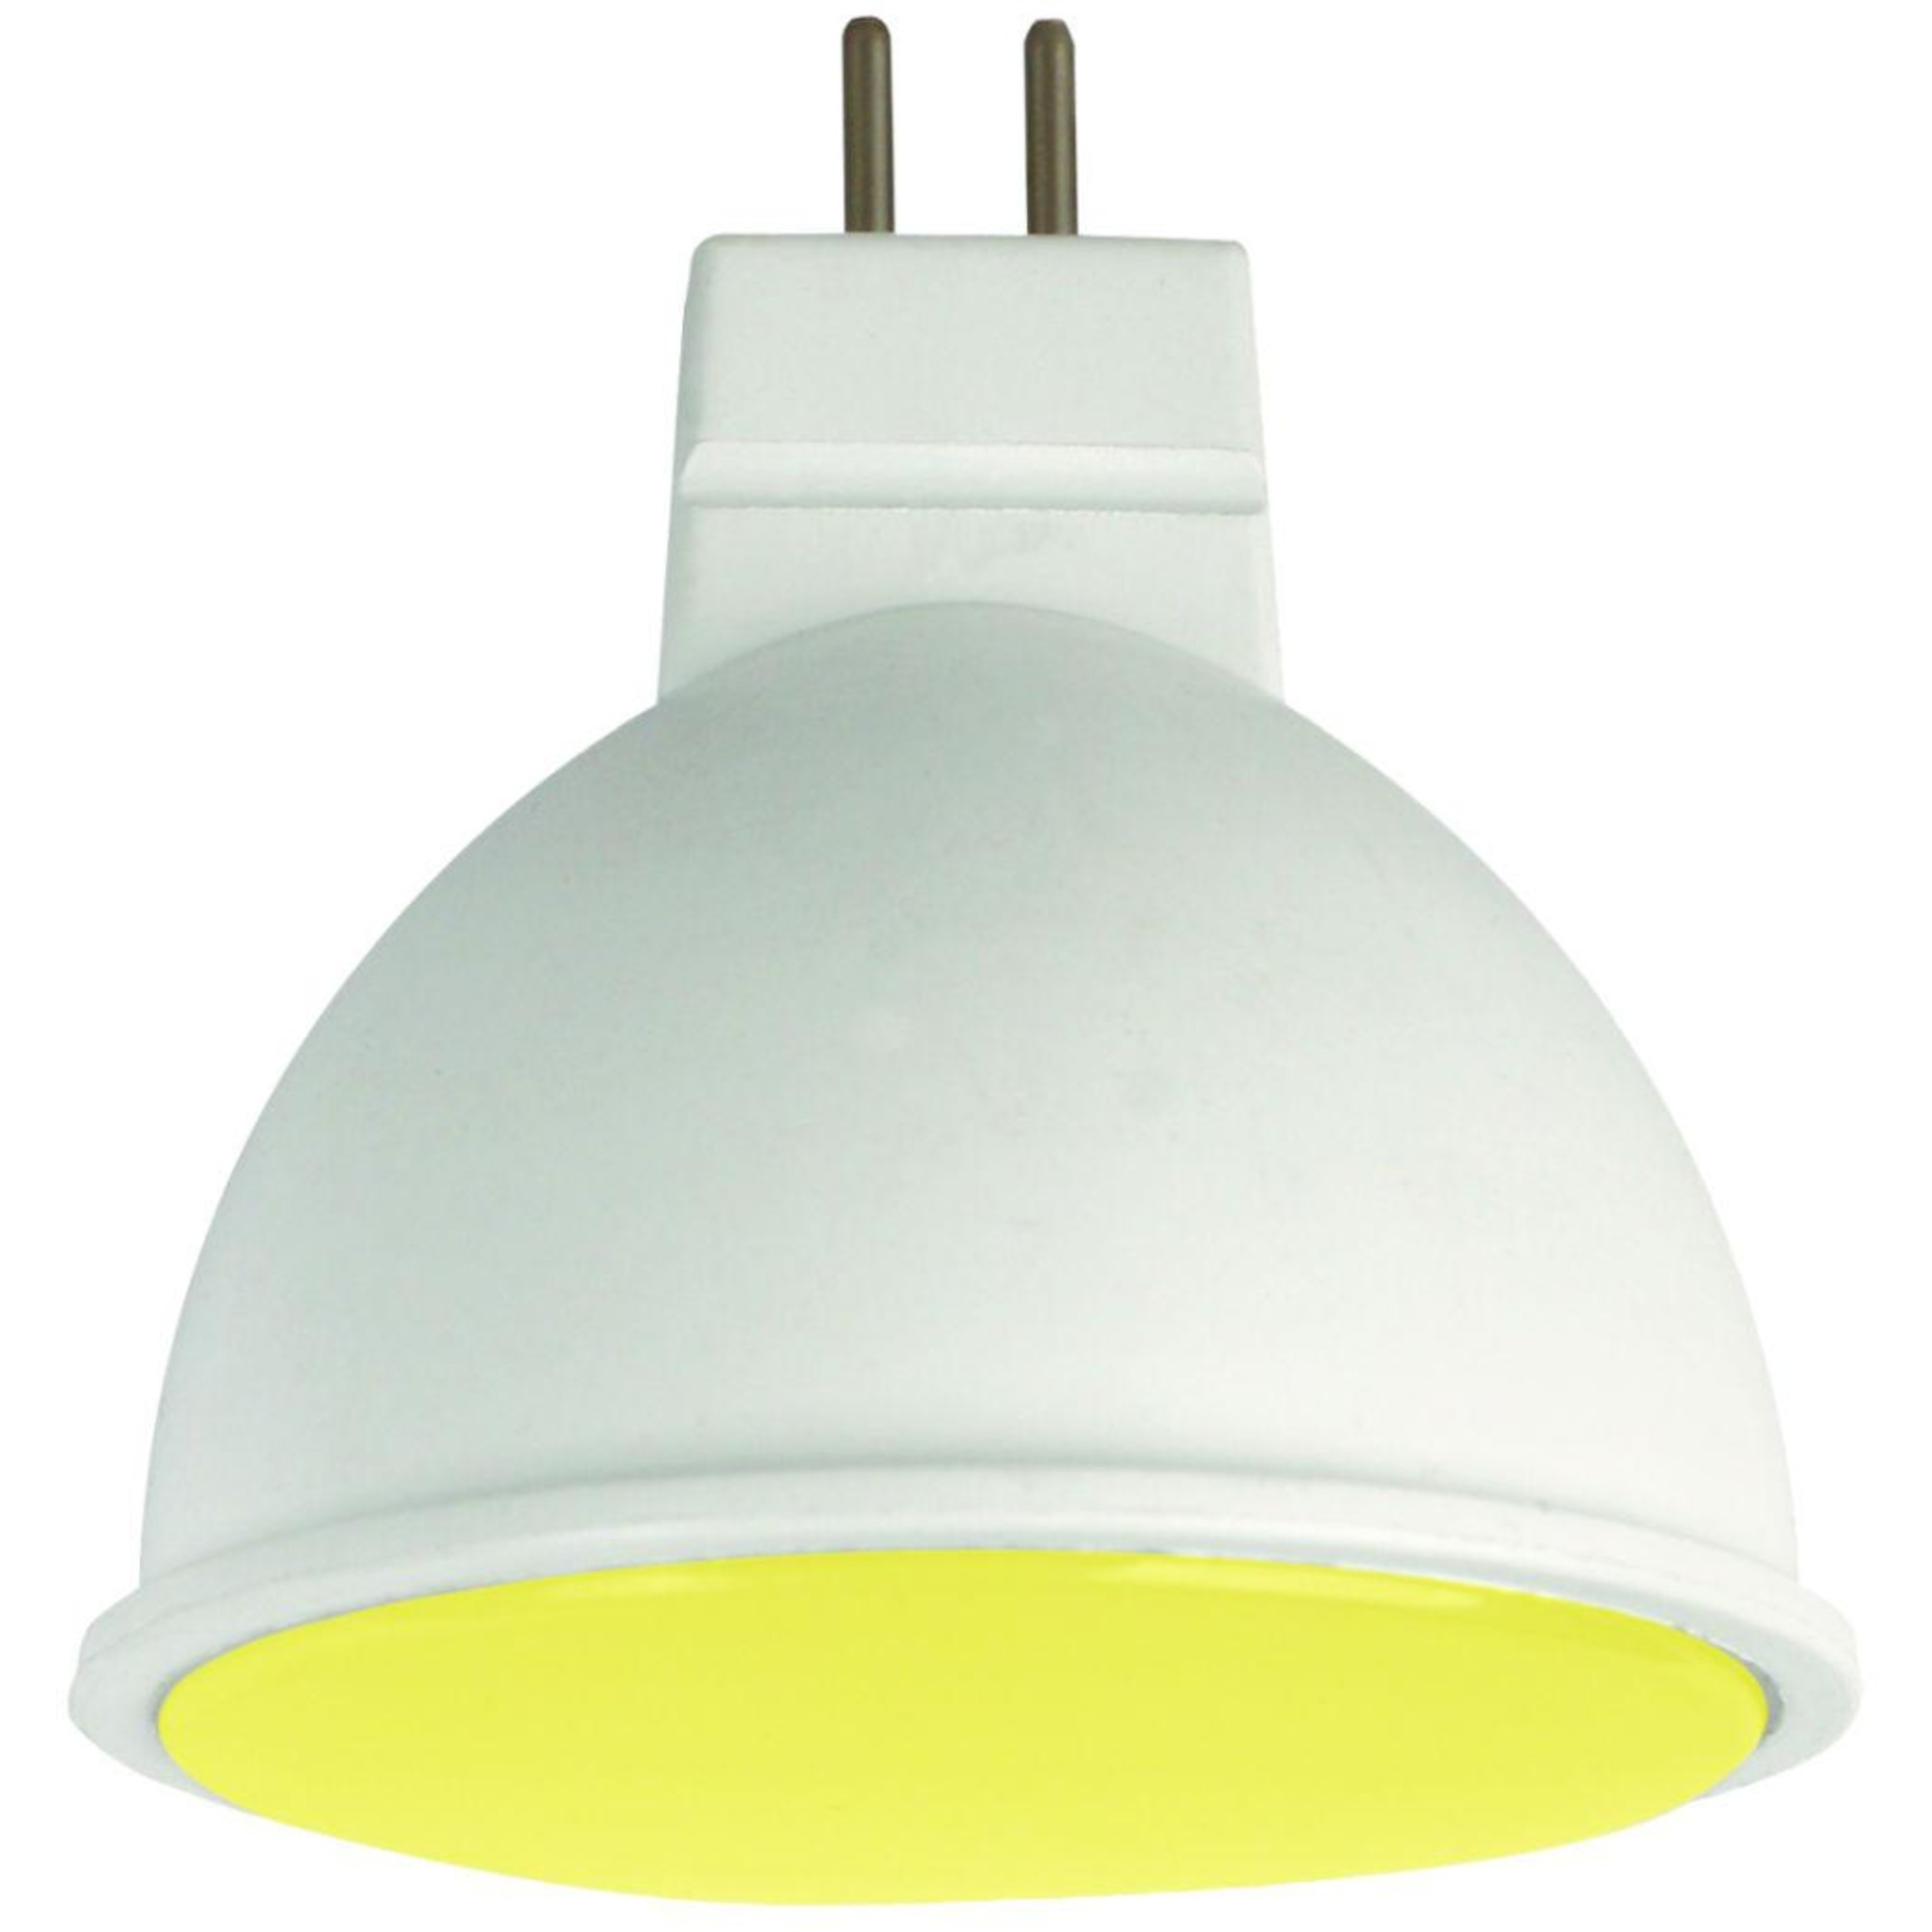 Лампа Ecola стандарт светодионая GU5.3 7 Вт рефлекторная 560 Лм теплый свет